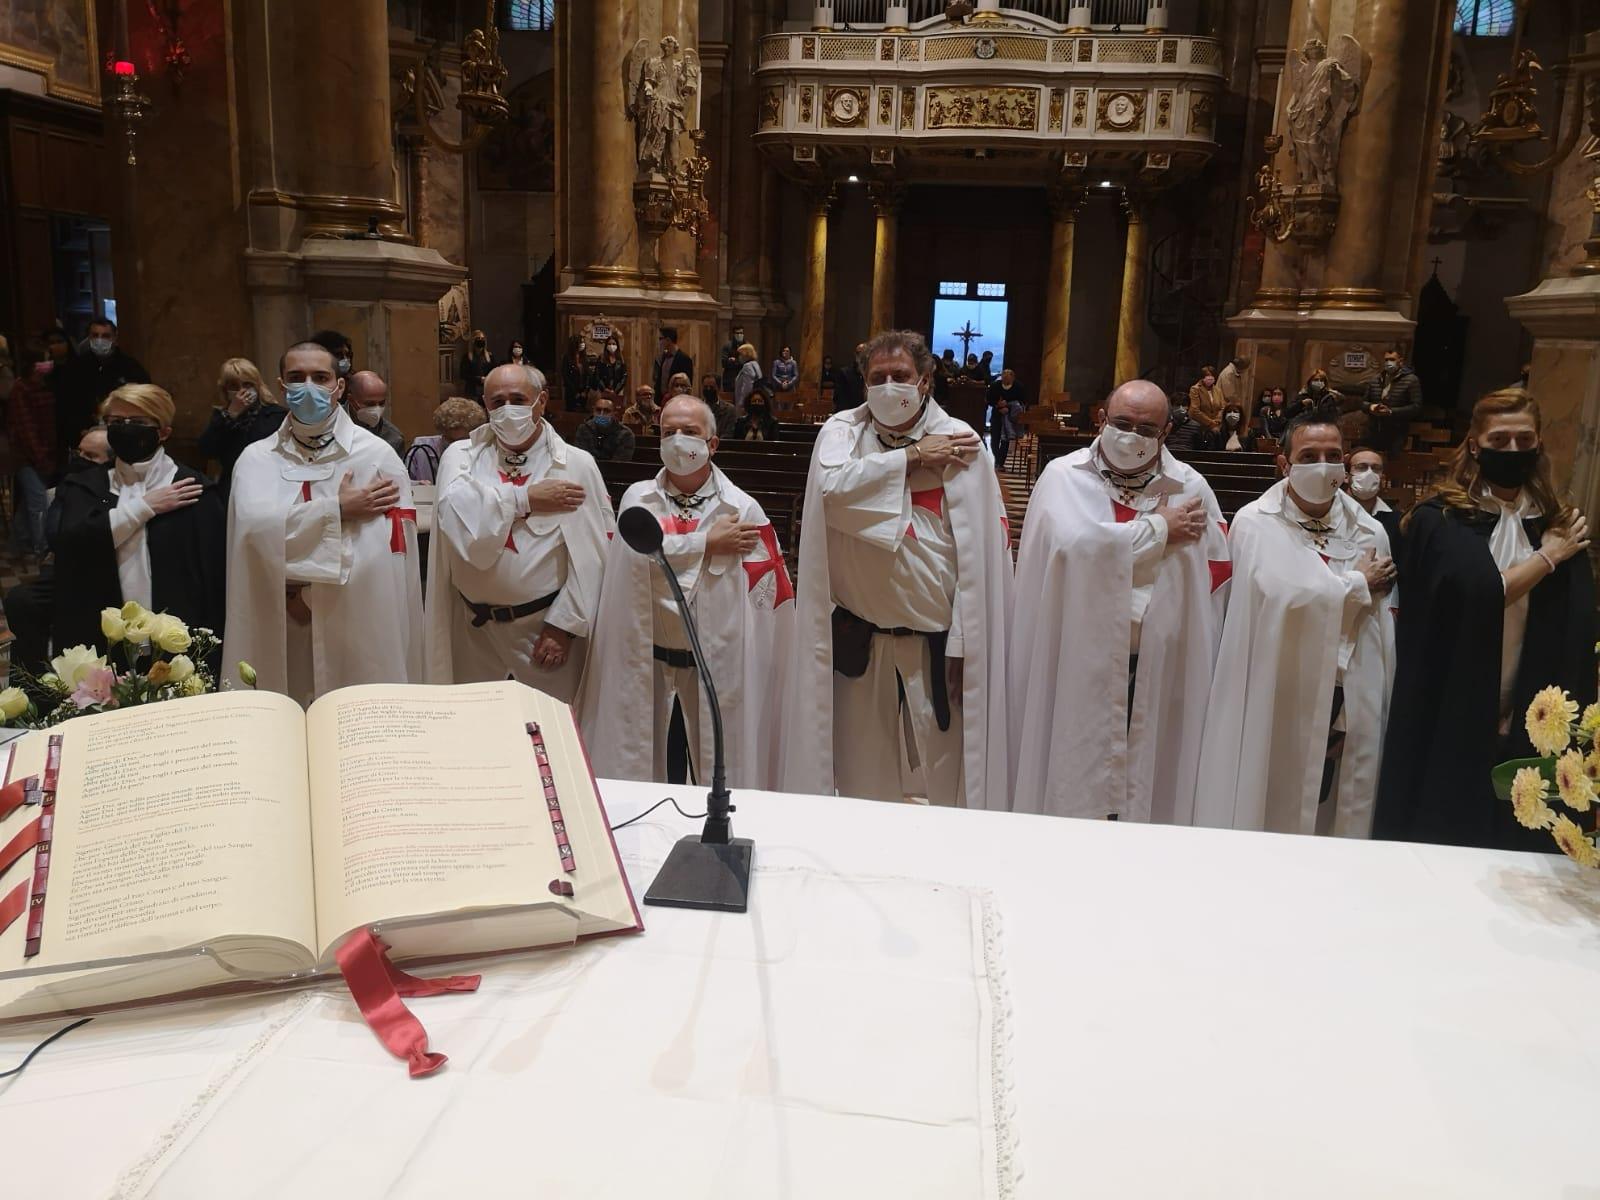 Custodia Santuario della Madonna di Monte Berico – Vicenza 10.10.2021